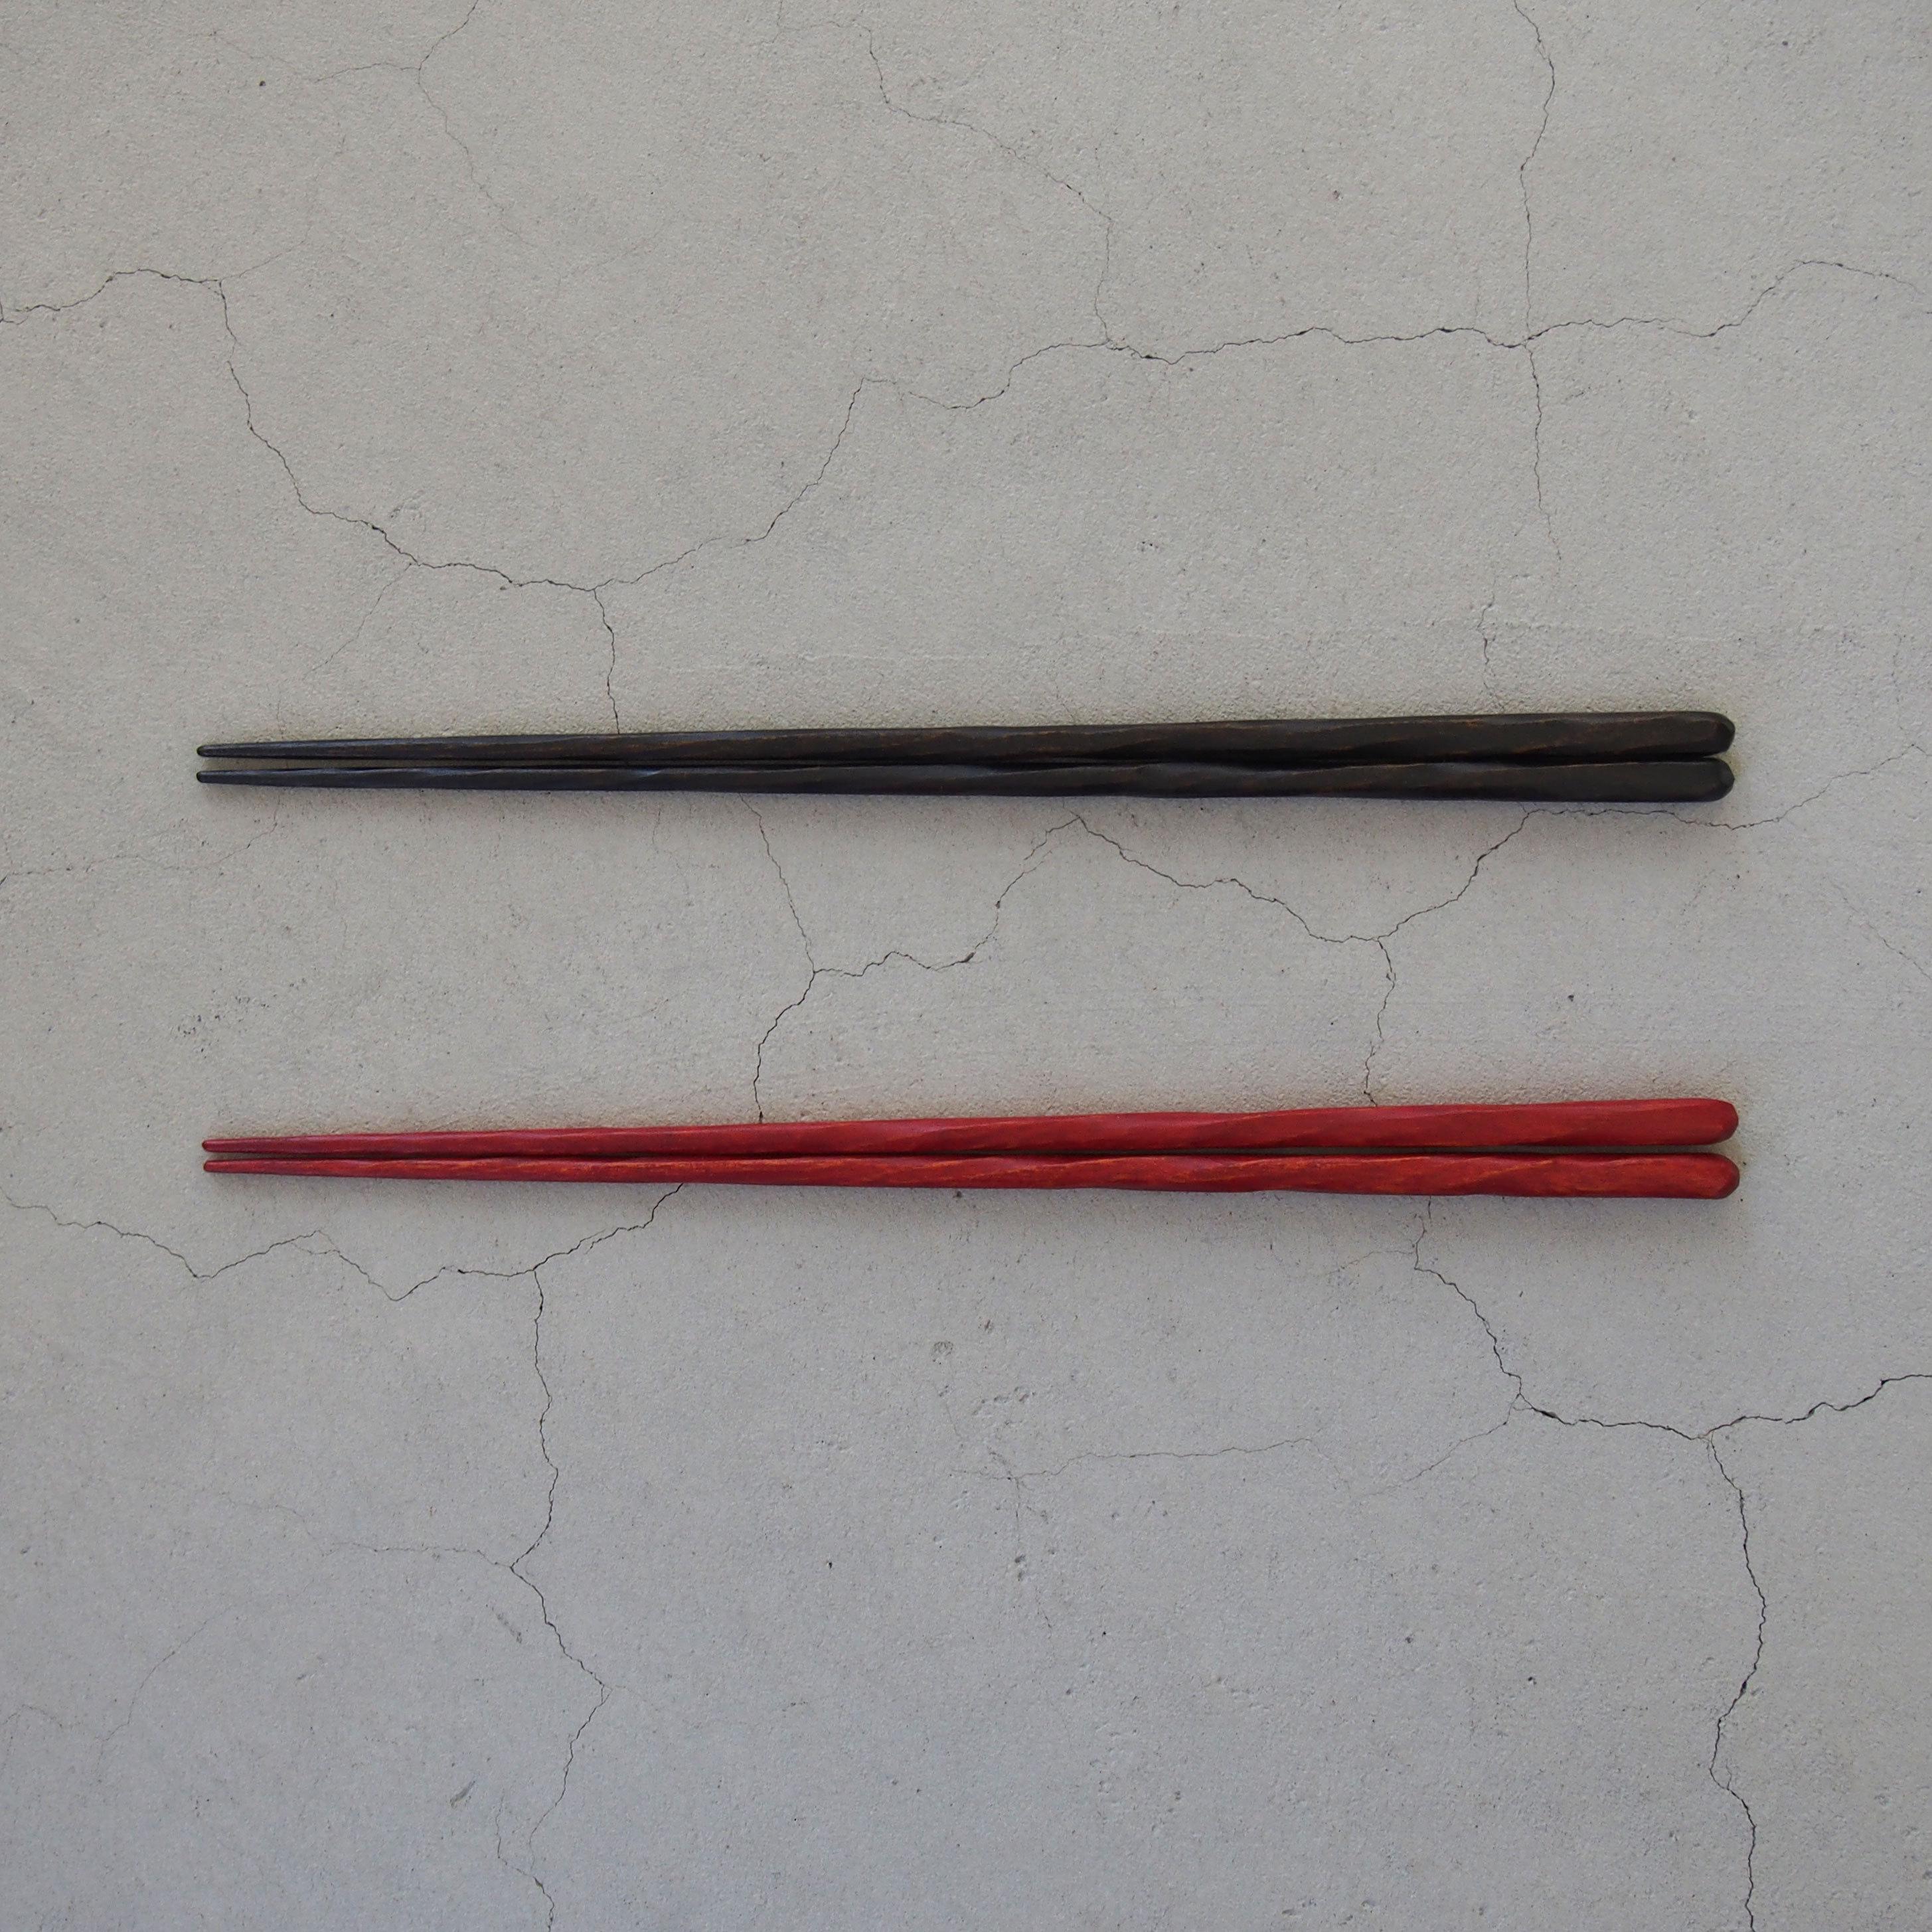 浄法寺漆 佐々木暢子 削り箸 黒・赤拭き漆/夫婦セット